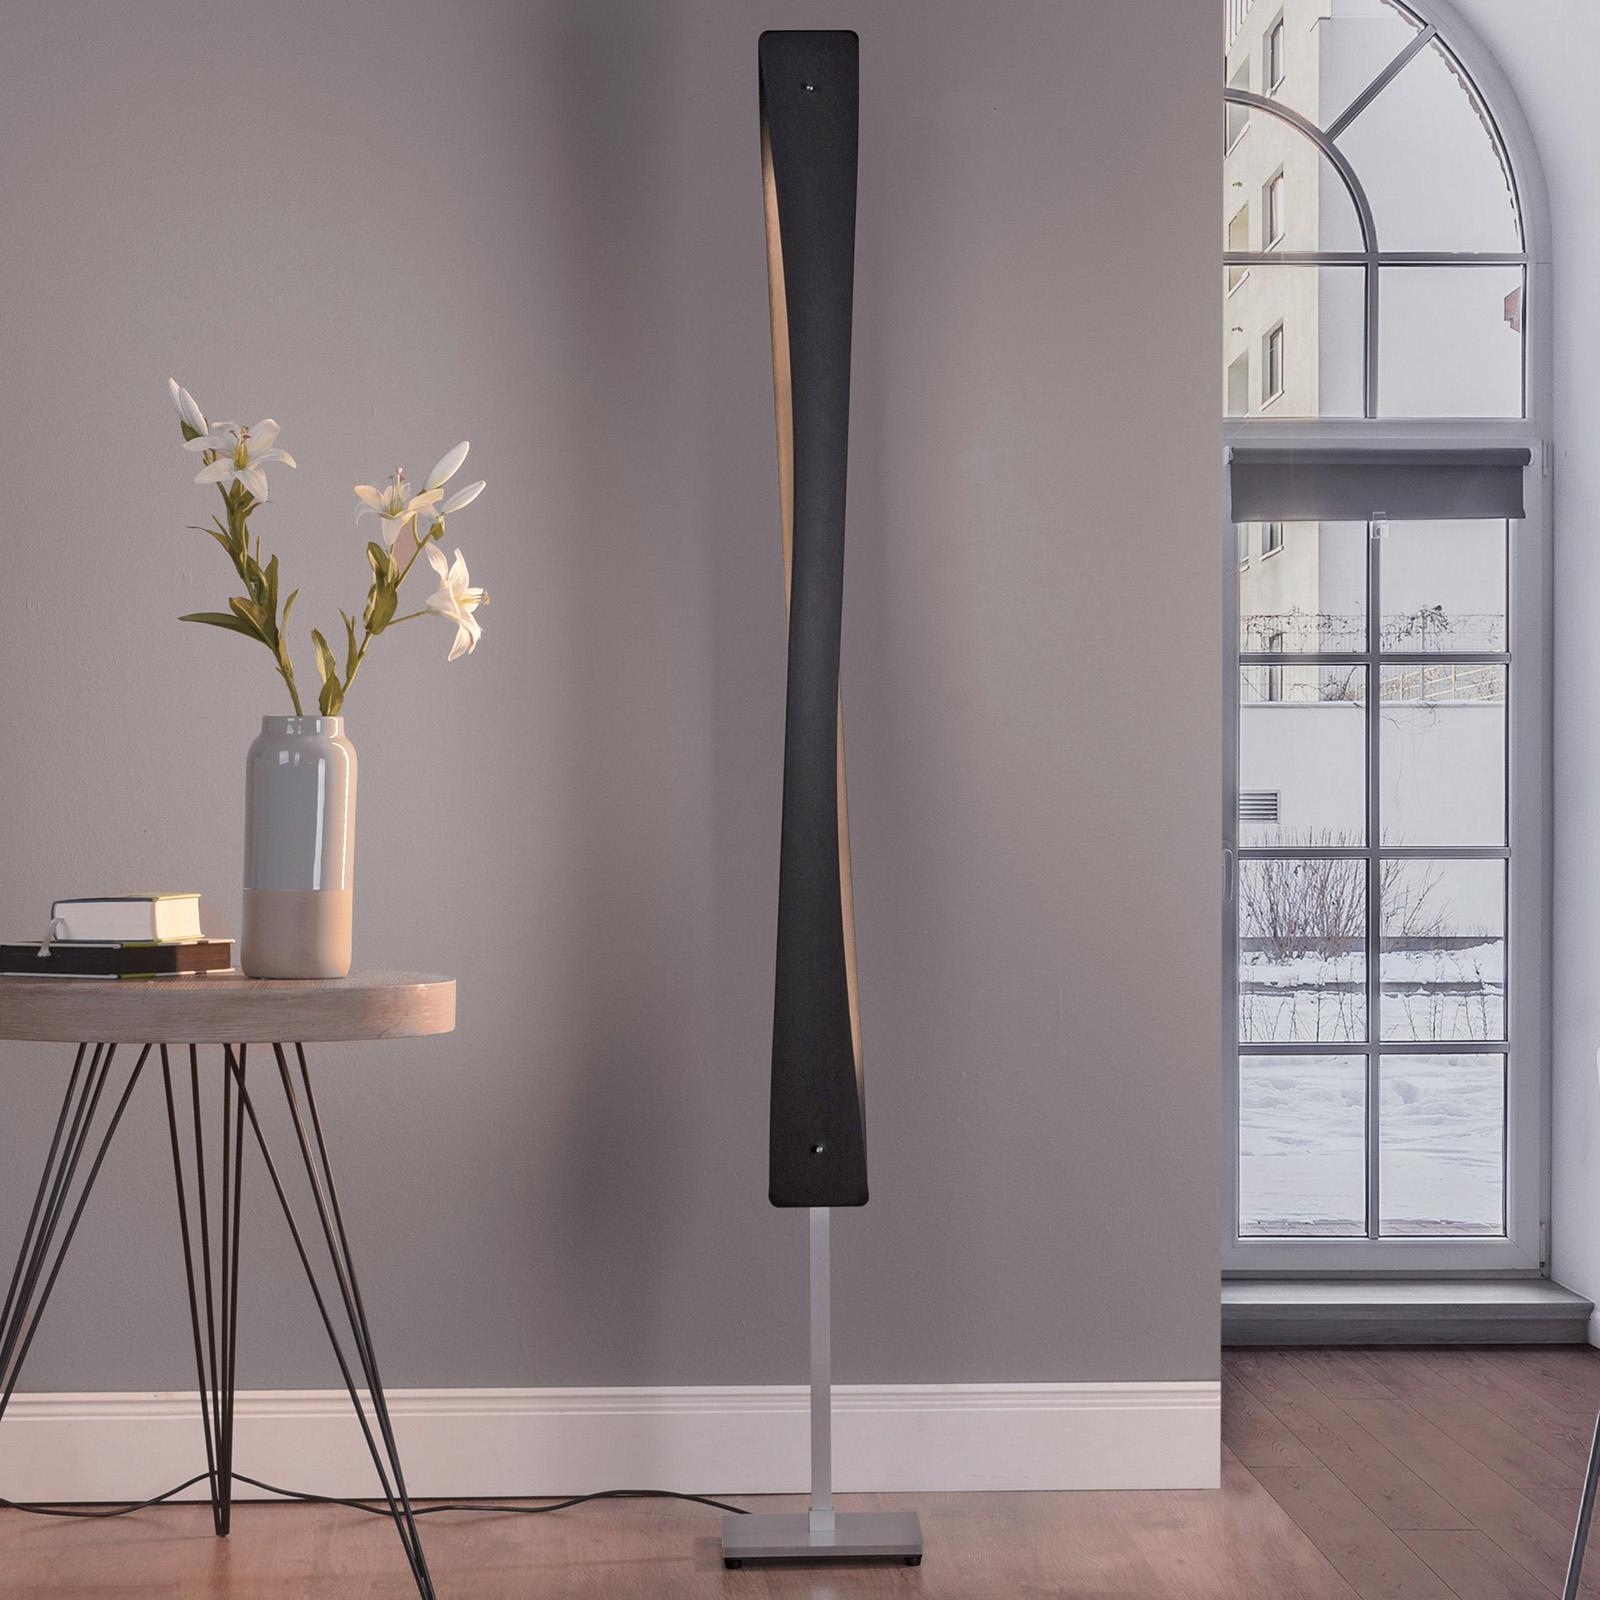 Lucande Lian lampadaire LED, noir, aluminium